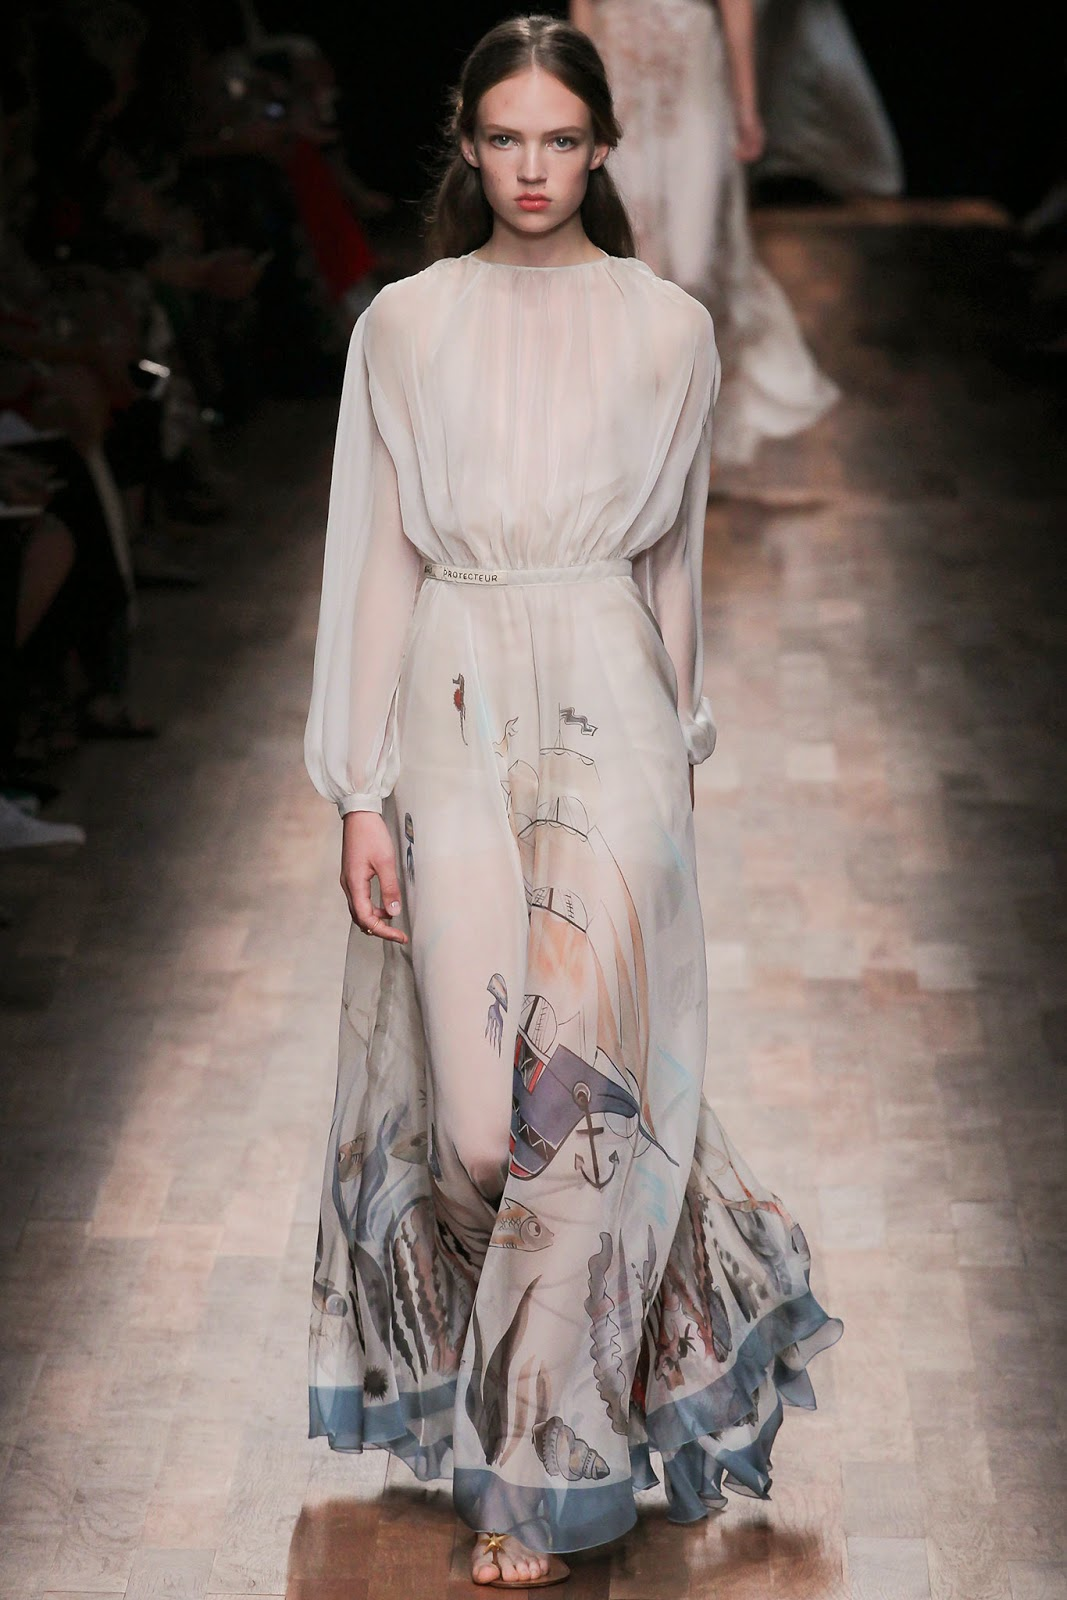 valentino 2015 summer 2016 trend women dress83 Valentino 2015 samling, våren sommaren 2016 Valentino klänning modeller, Valentino kväll klänning nya säsongen kvinnors kjolar modeller